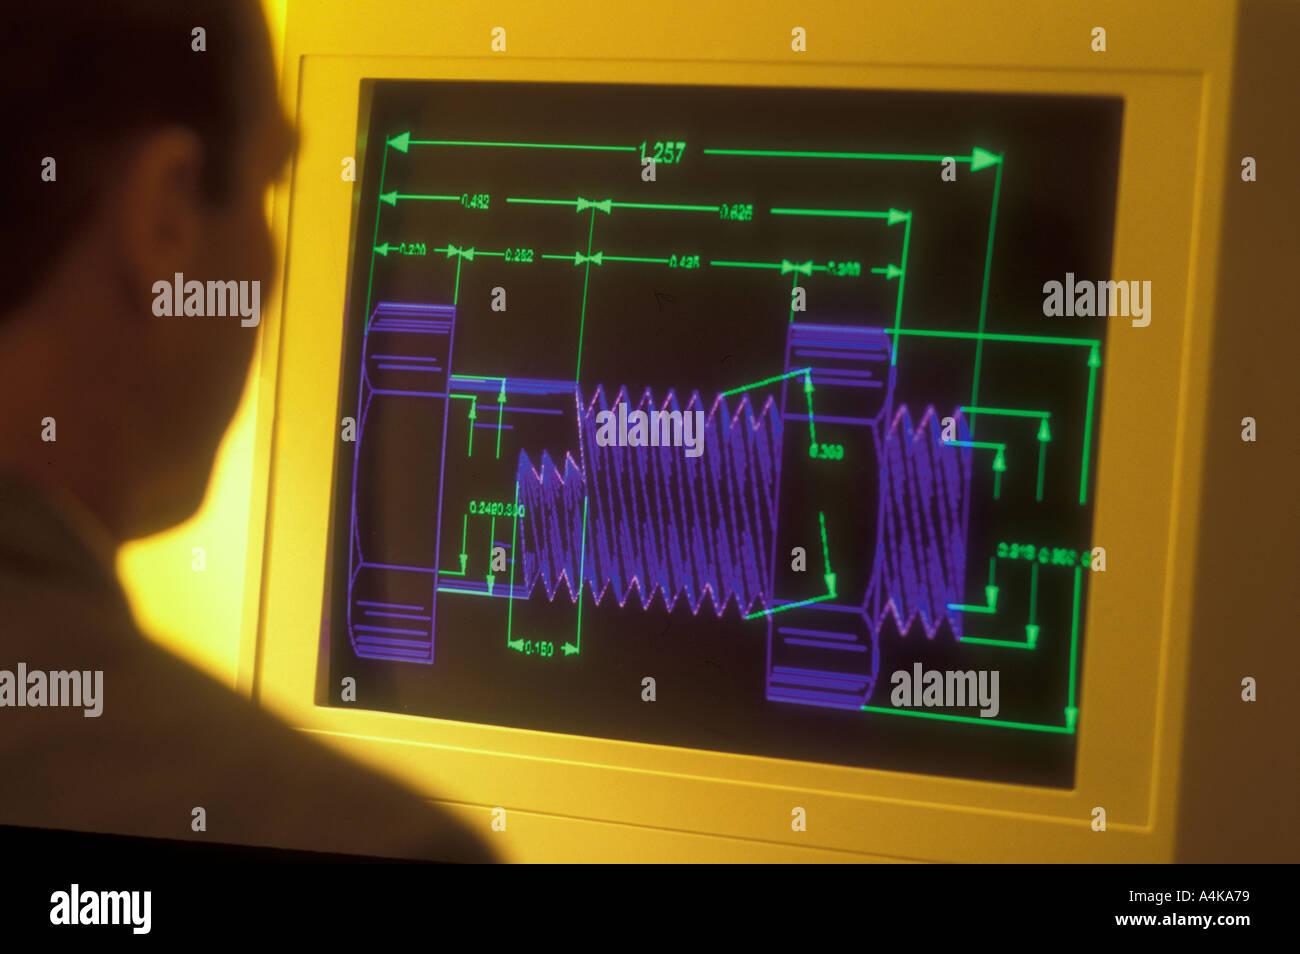 Design-Ingenieur Studium Schaltplan am Computer-Bildschirm Stockfoto ...